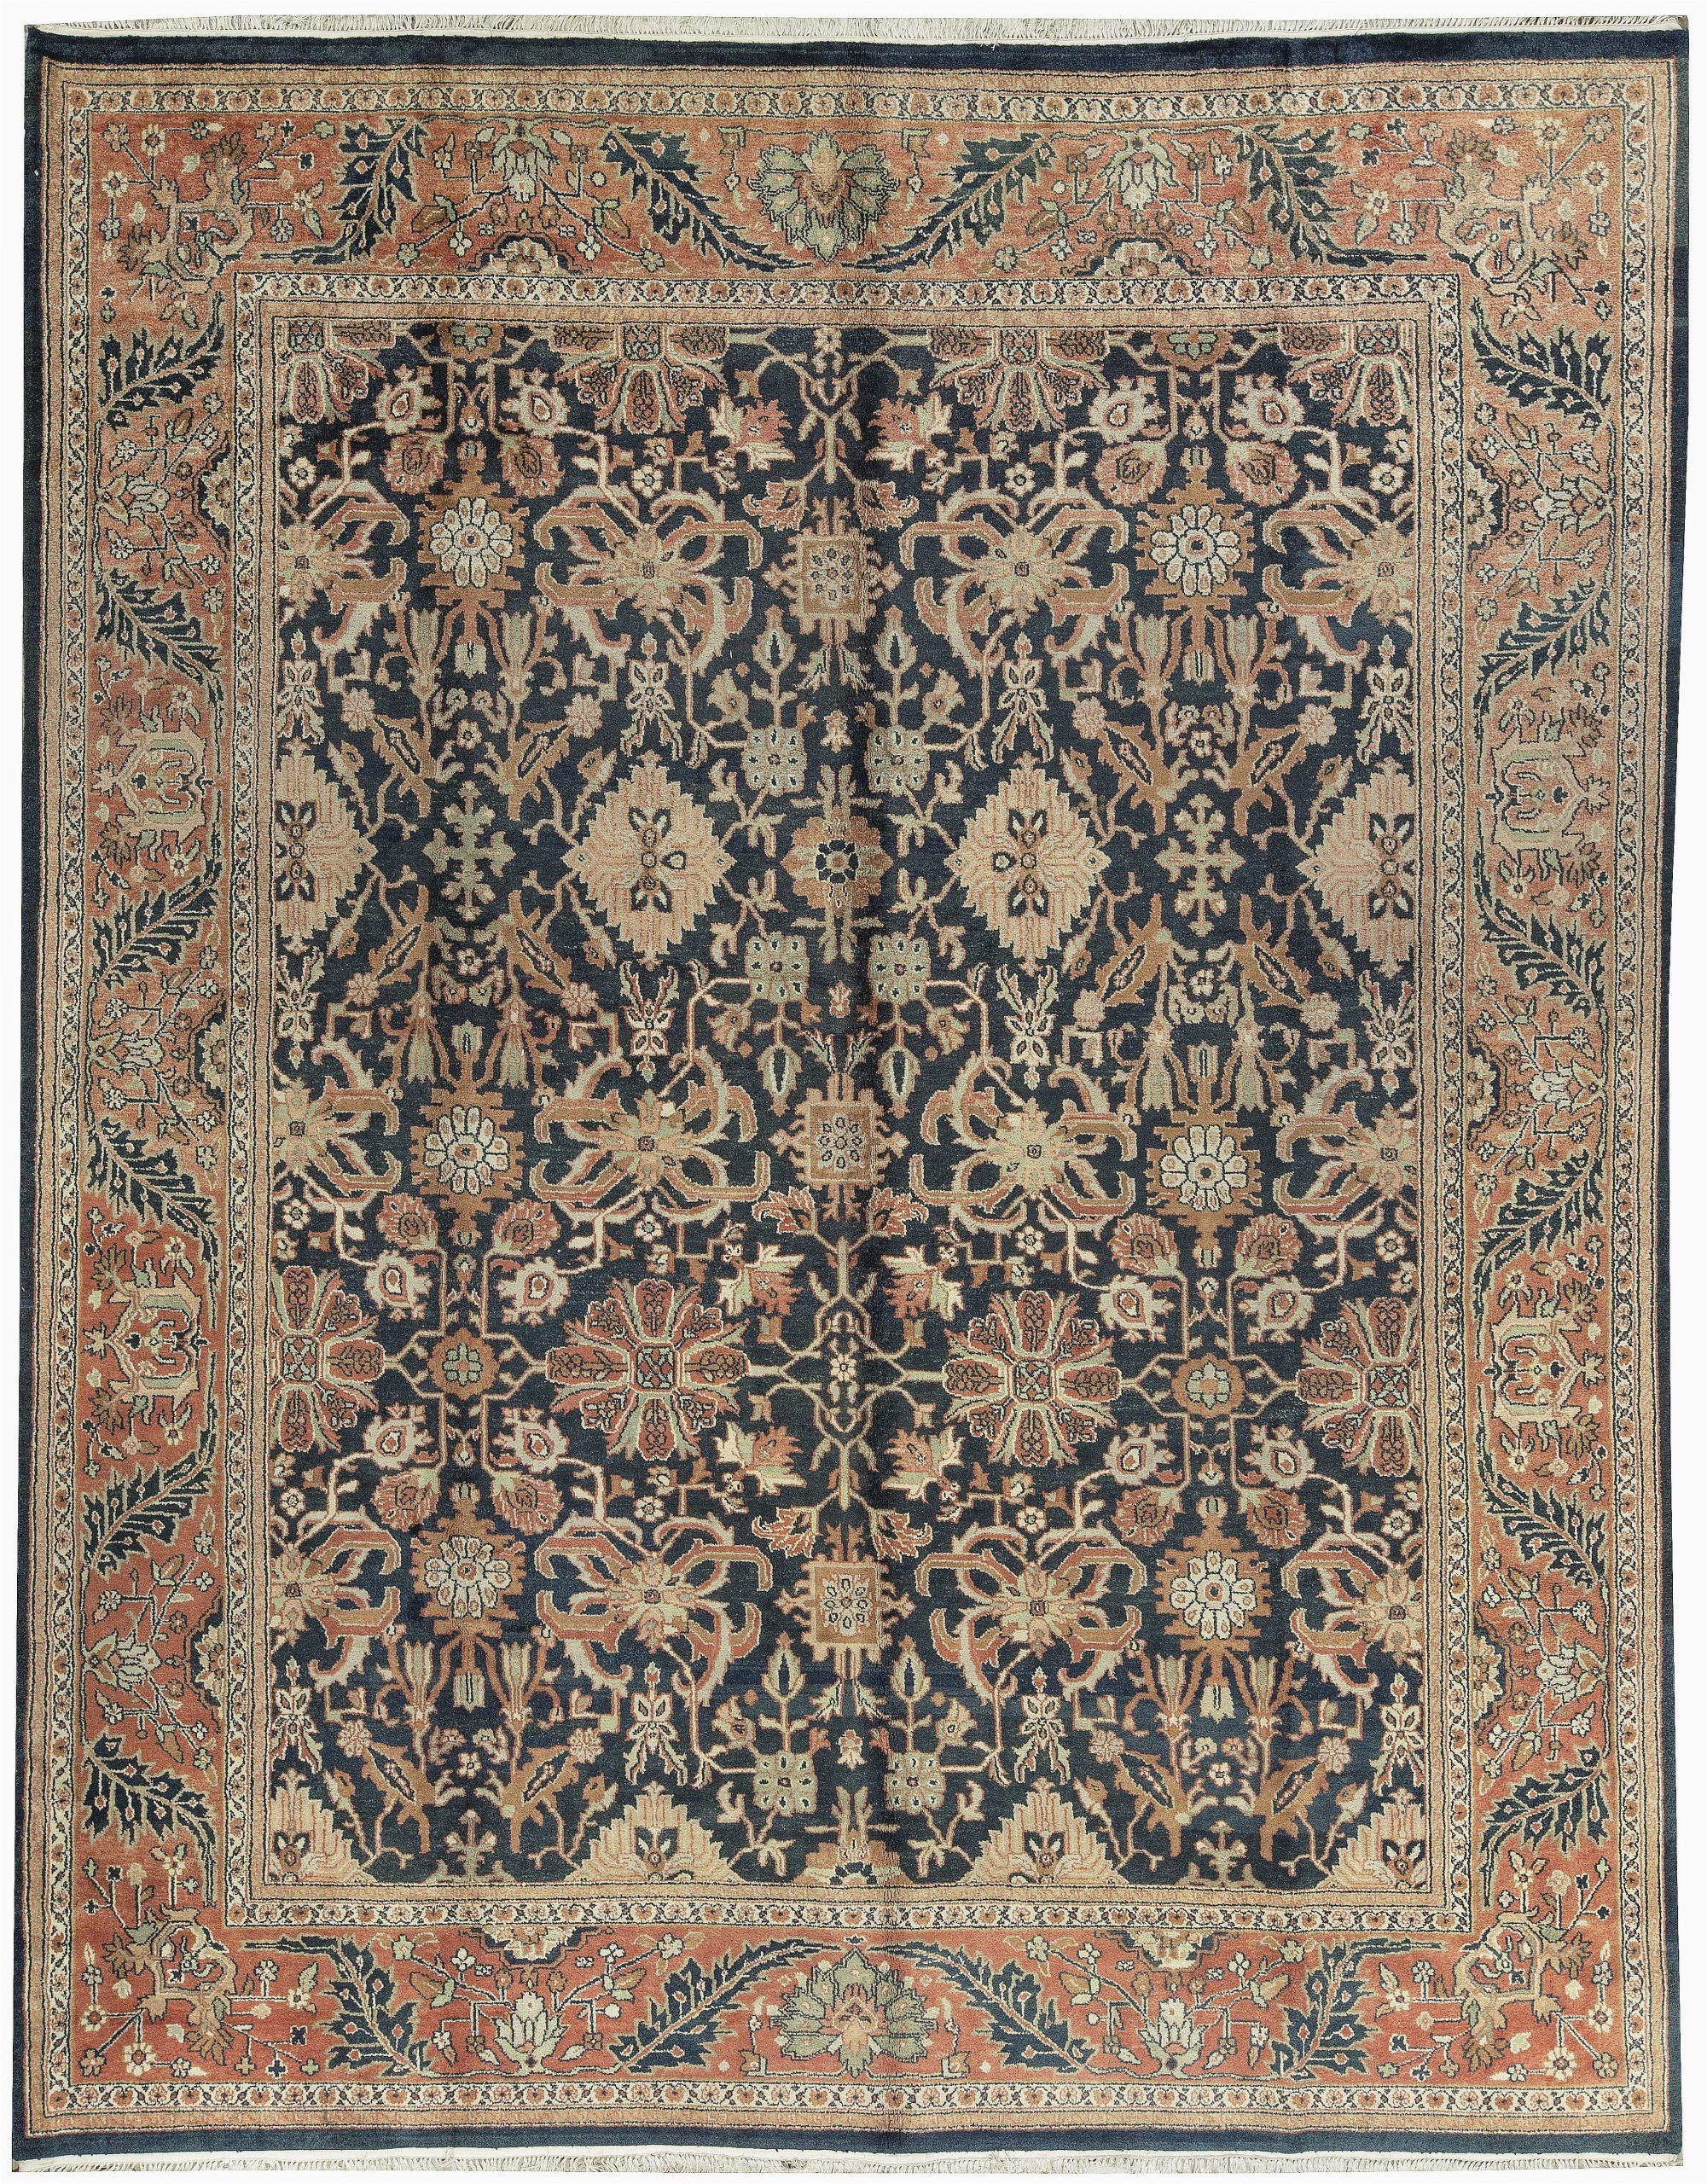 bokara rug co inc one of a kind moroccan handwoven 1111 x 149 wool orangeblack area rug abhd2344